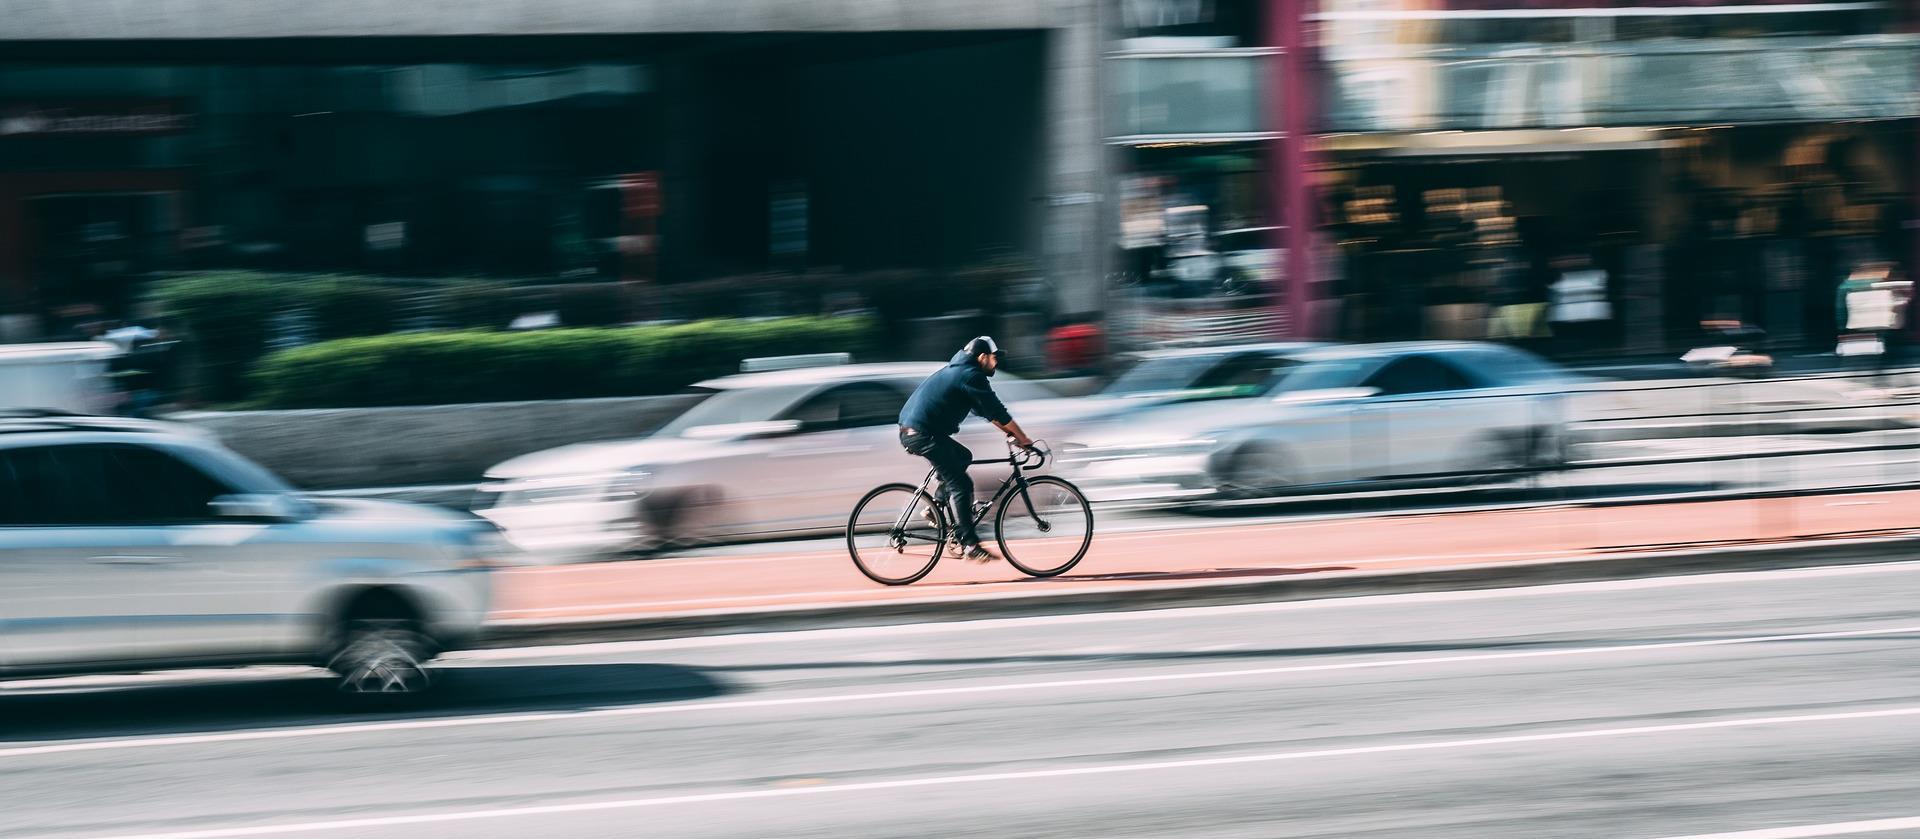 Studie zur Fahrradnutzung 2017